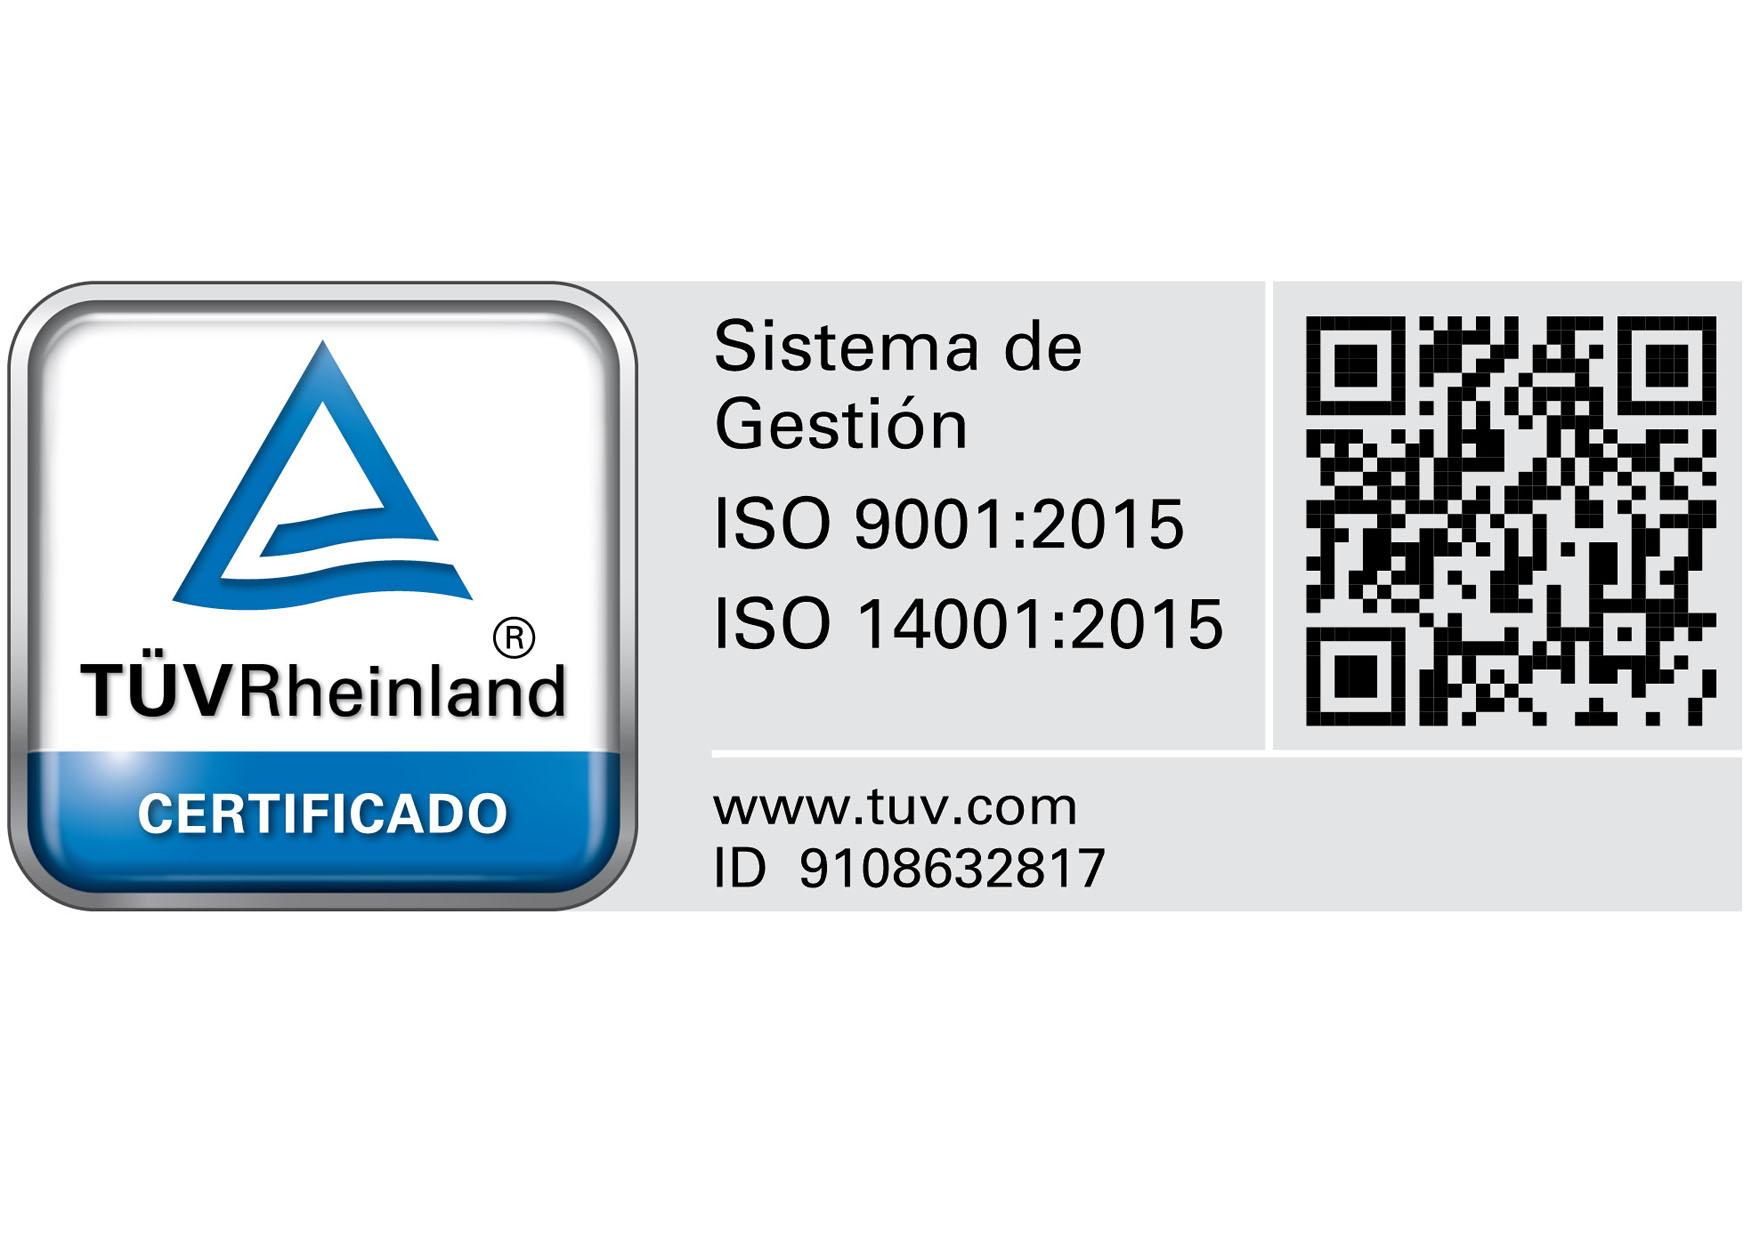 ISO 9001:2015 e ISO 14001:2015